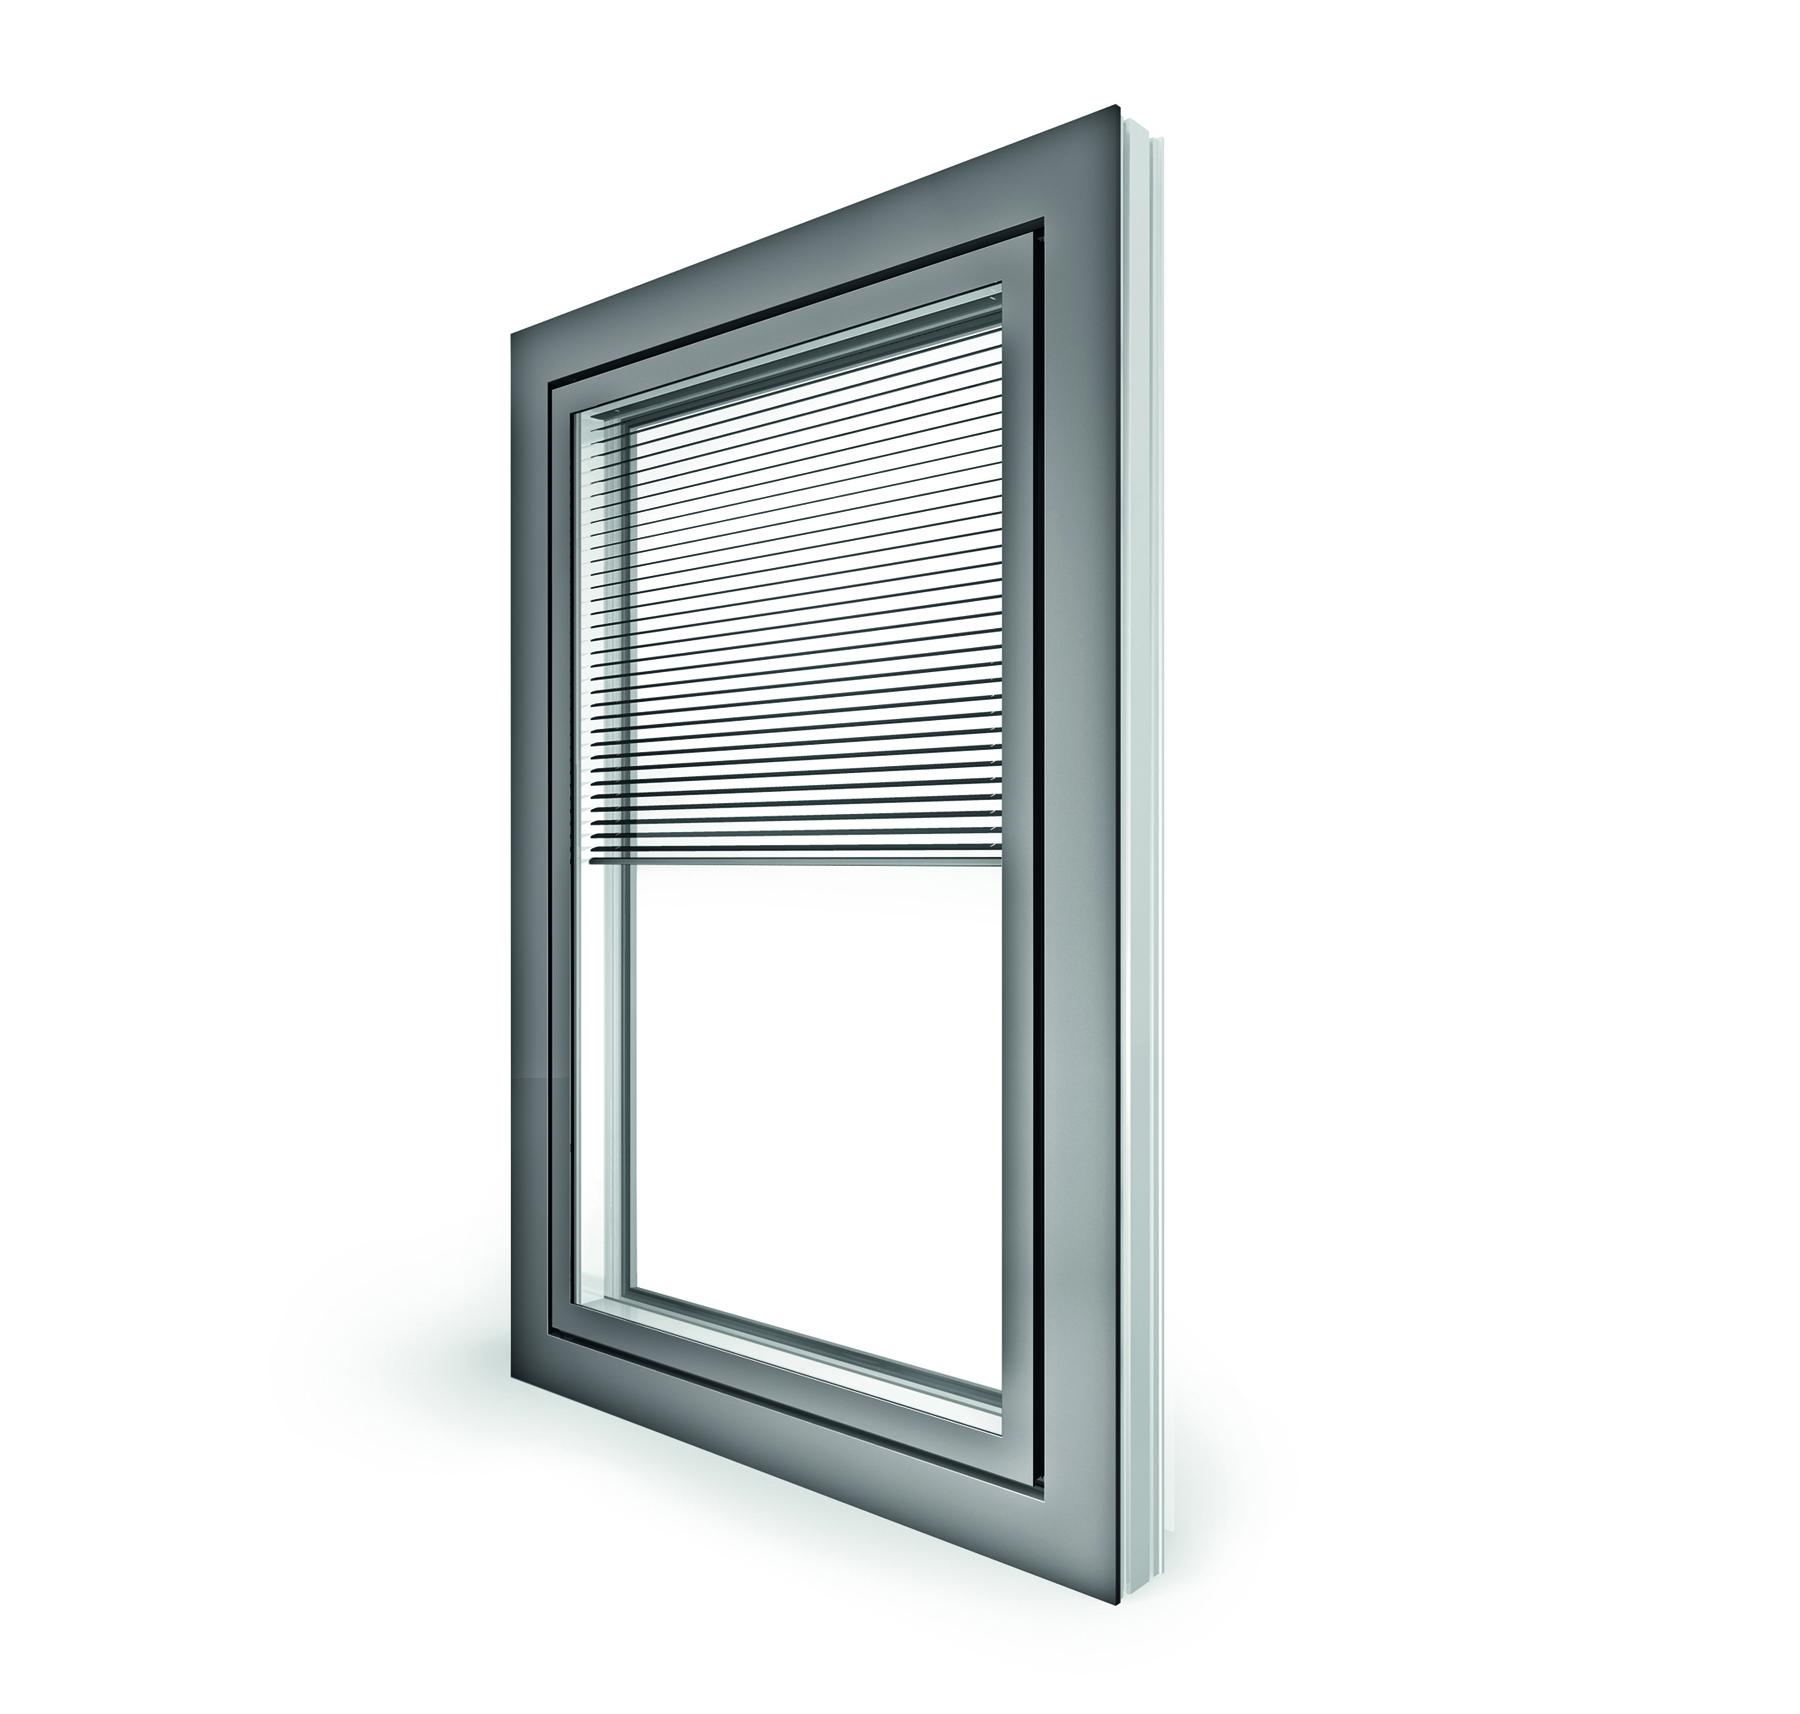 Nuova doppia finestra in pvc alluminio kv350 i nuovi orizzonti della privacy di internorm - Aprire una nuova finestra ...